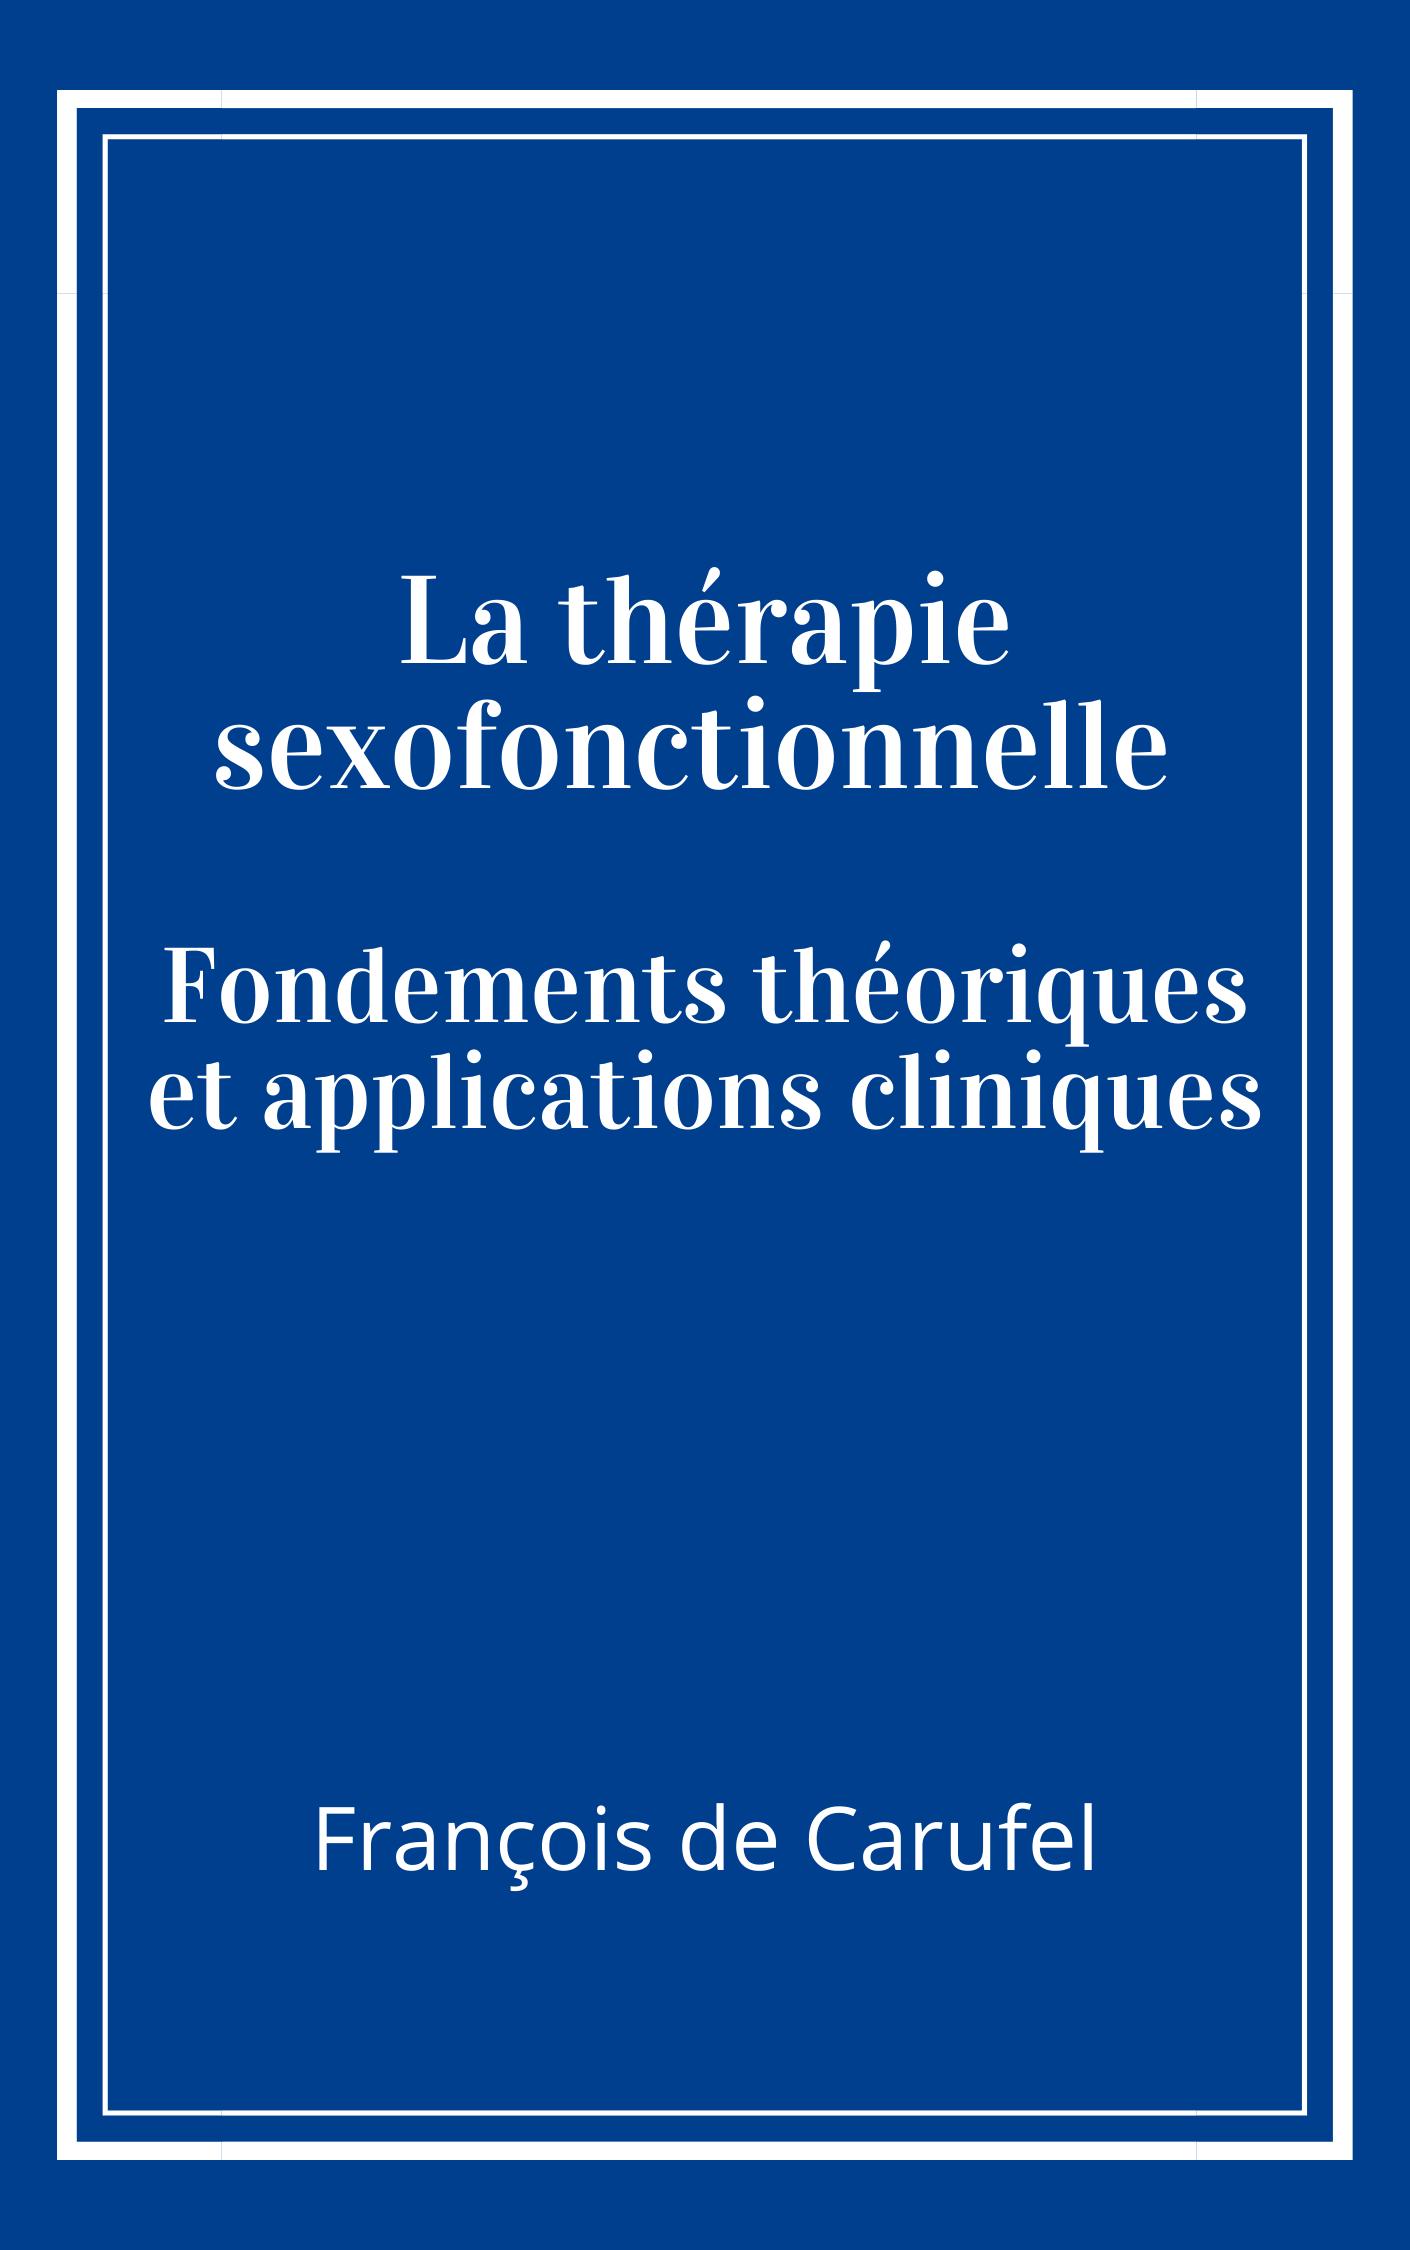 nouveau livre therapie sexofonctionnelle